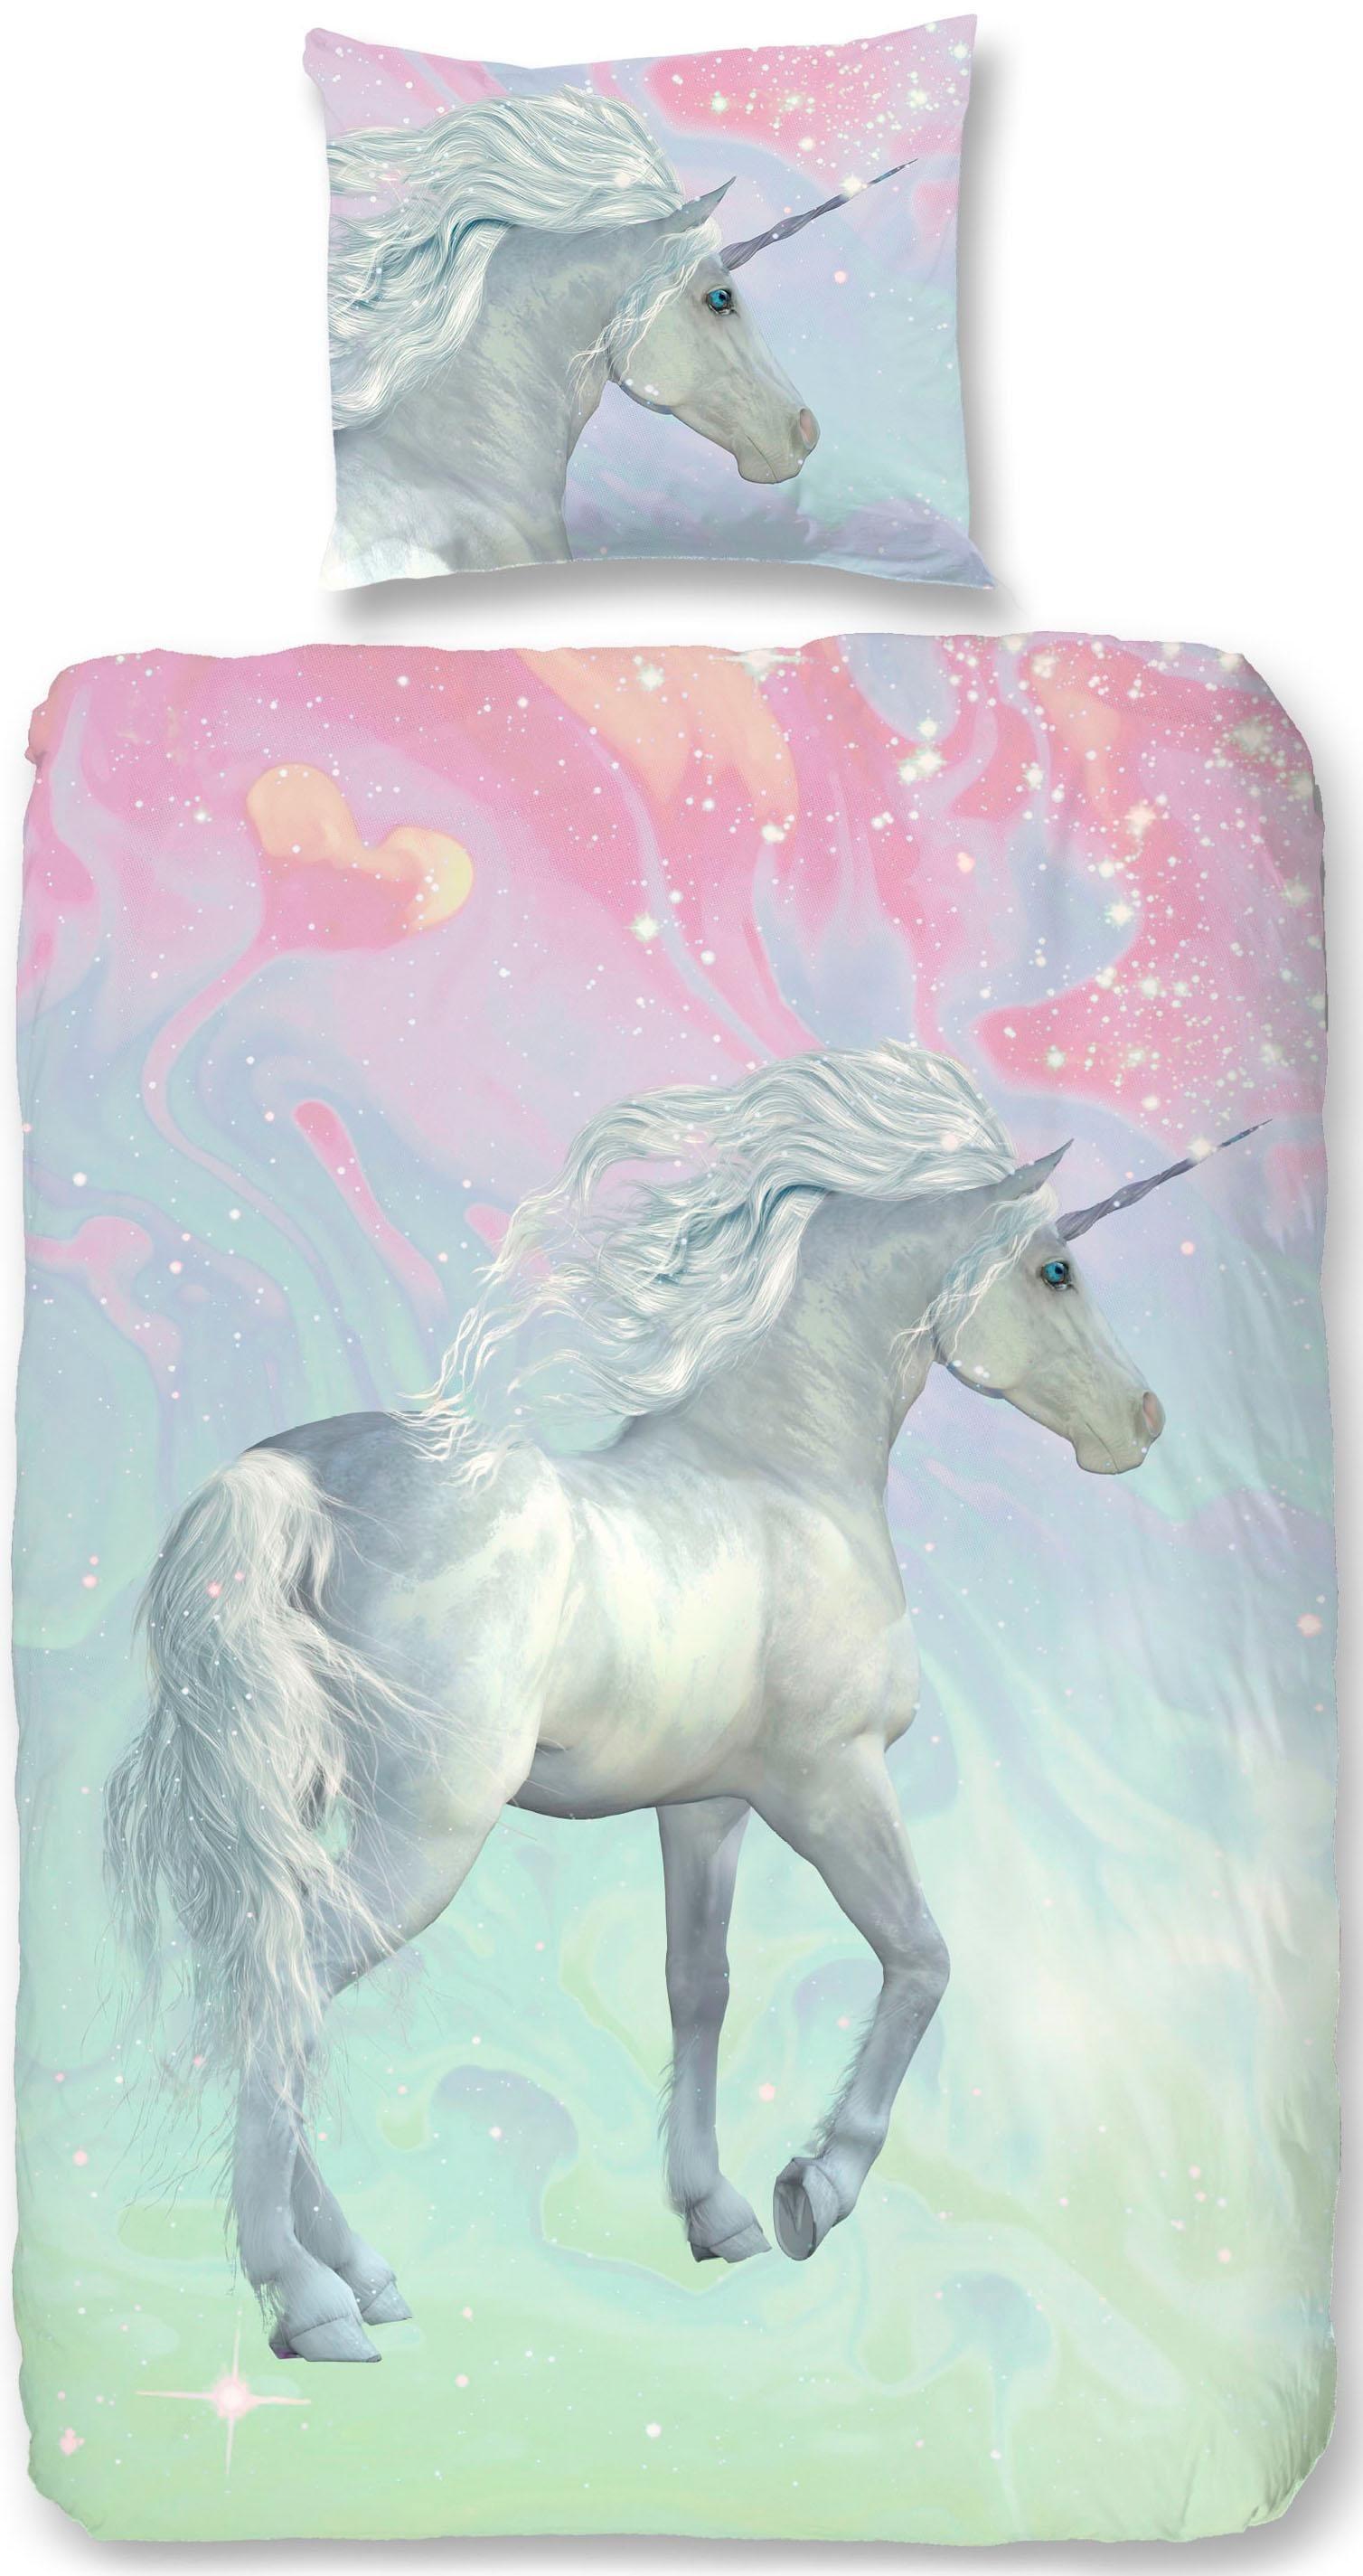 Kinderbettwäsche »Unicorn«, good morning, mit Einhorn | Kinderzimmer > Textilien für Kinder > Kinderbettwäsche | good morning